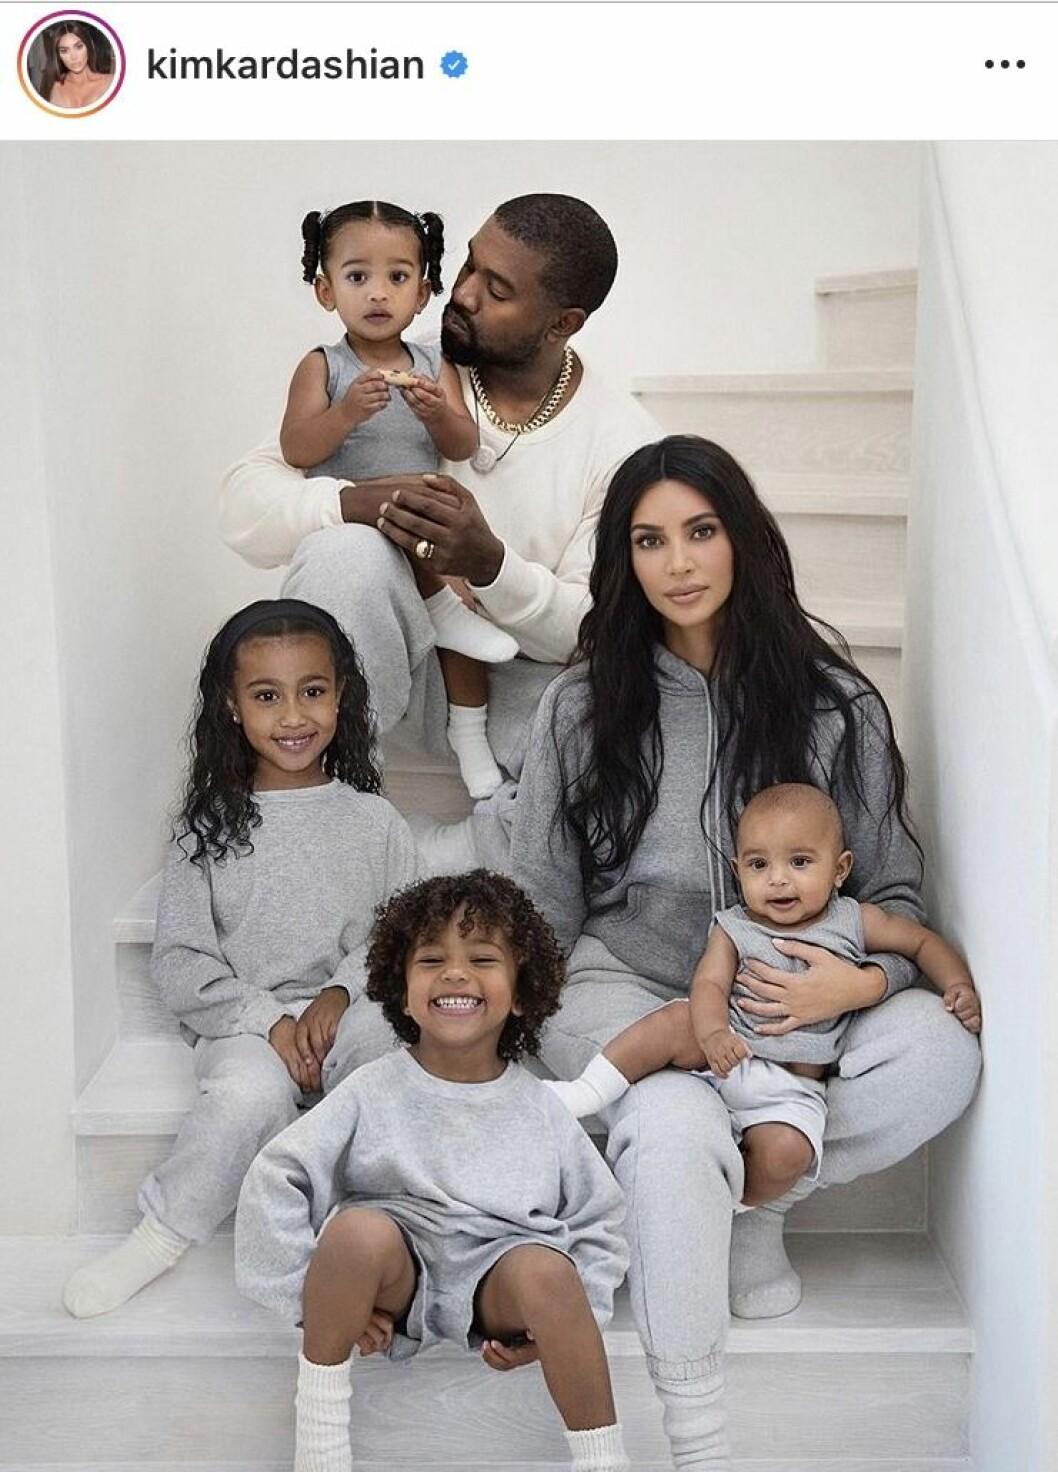 Kim Kardashian, Kanye West och deras barn sitter i en trapp iklädda grå mjukisar